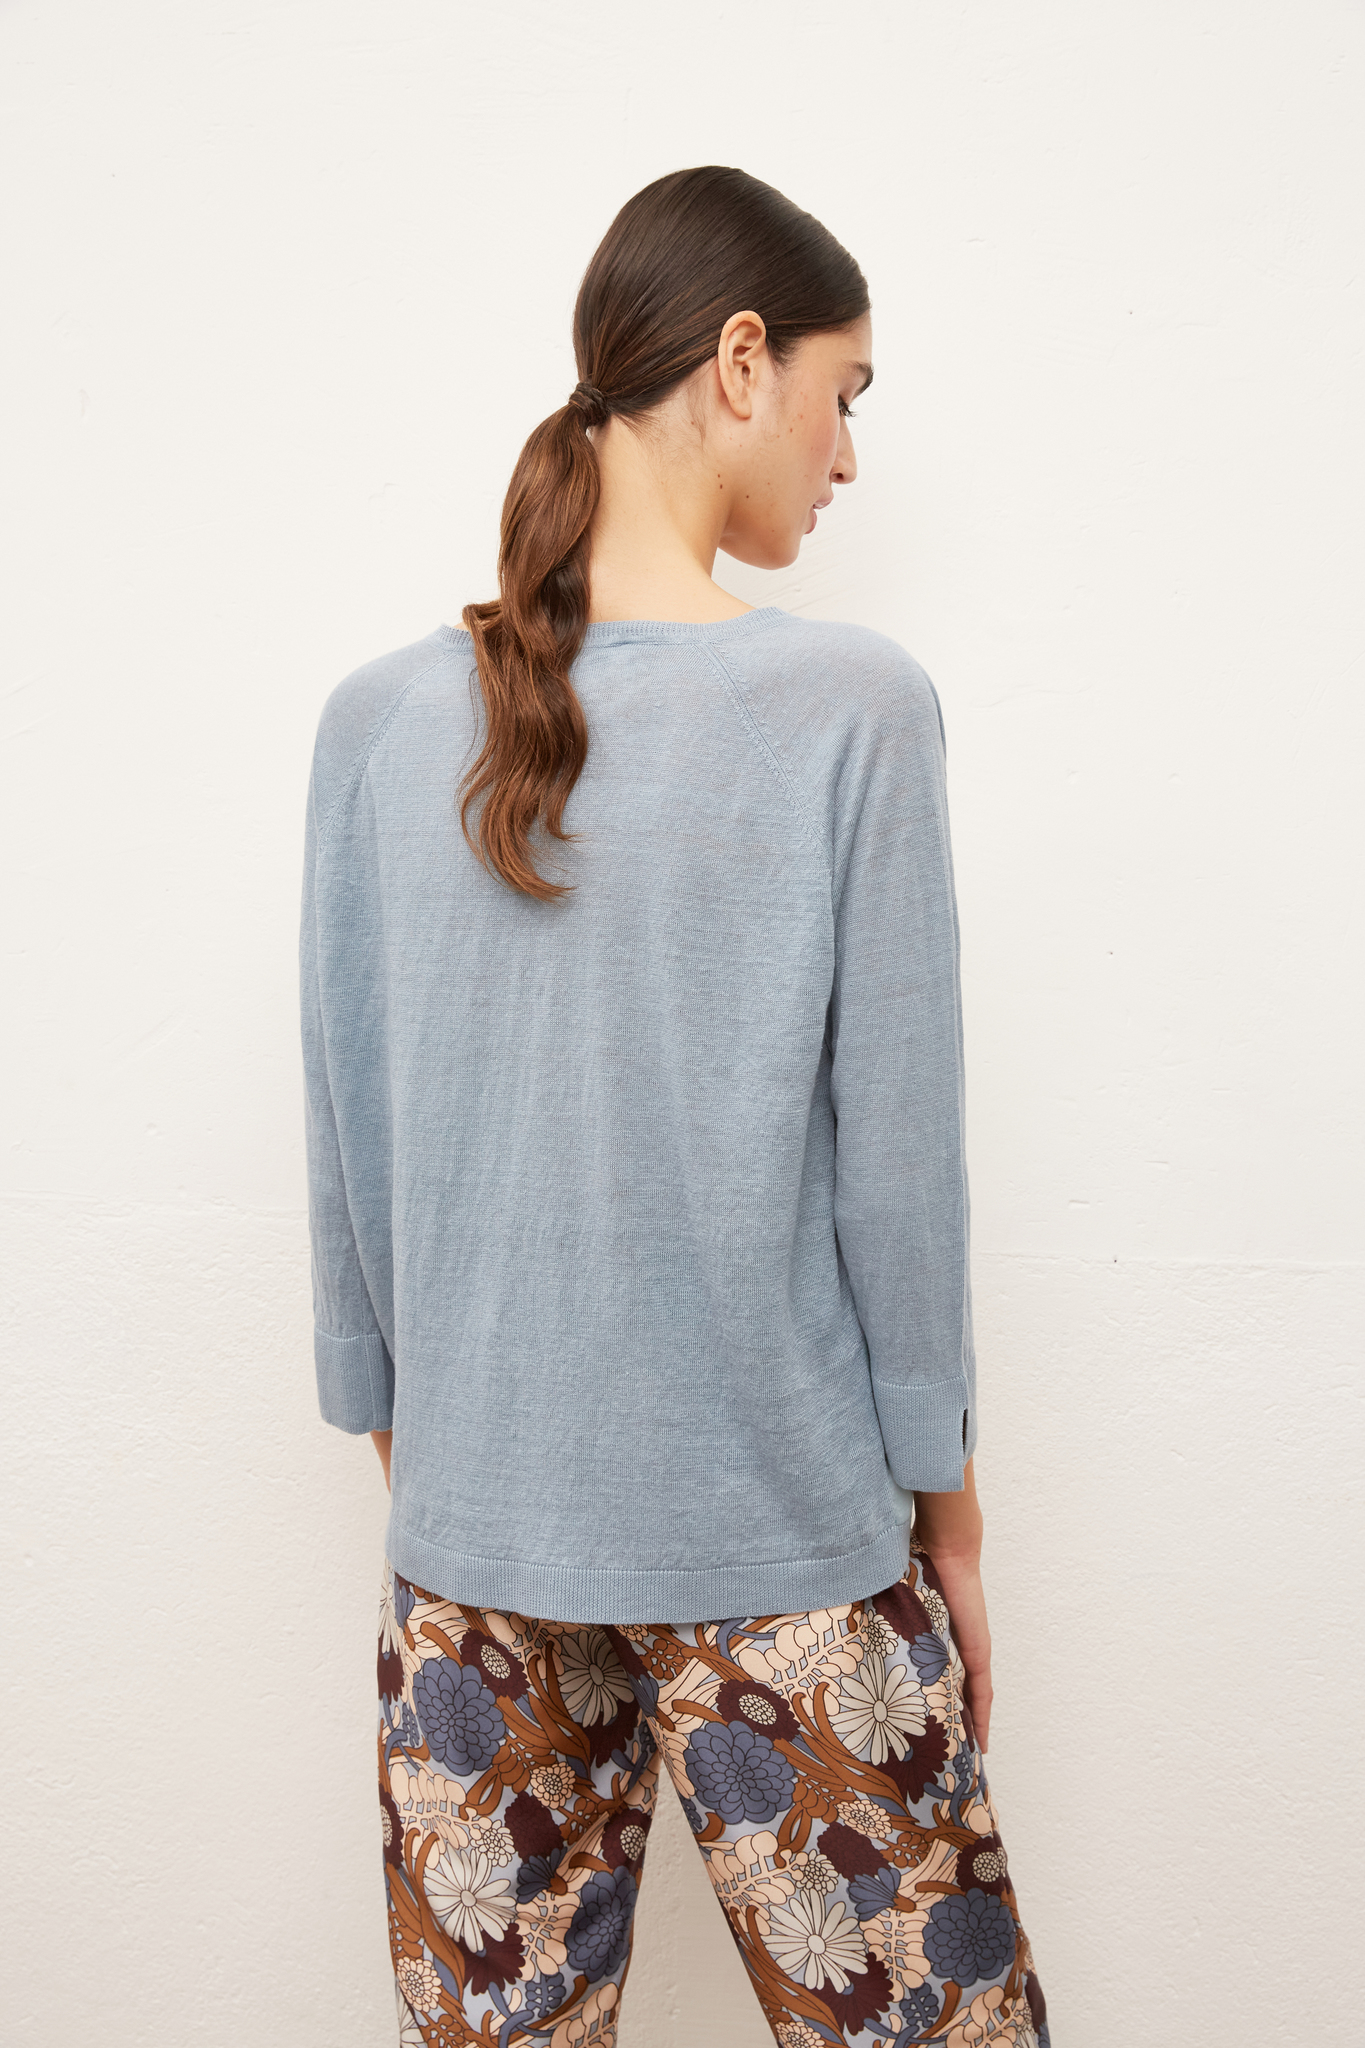 EVANNA - Пуловер изо льна и шелка с V-образным вырезом